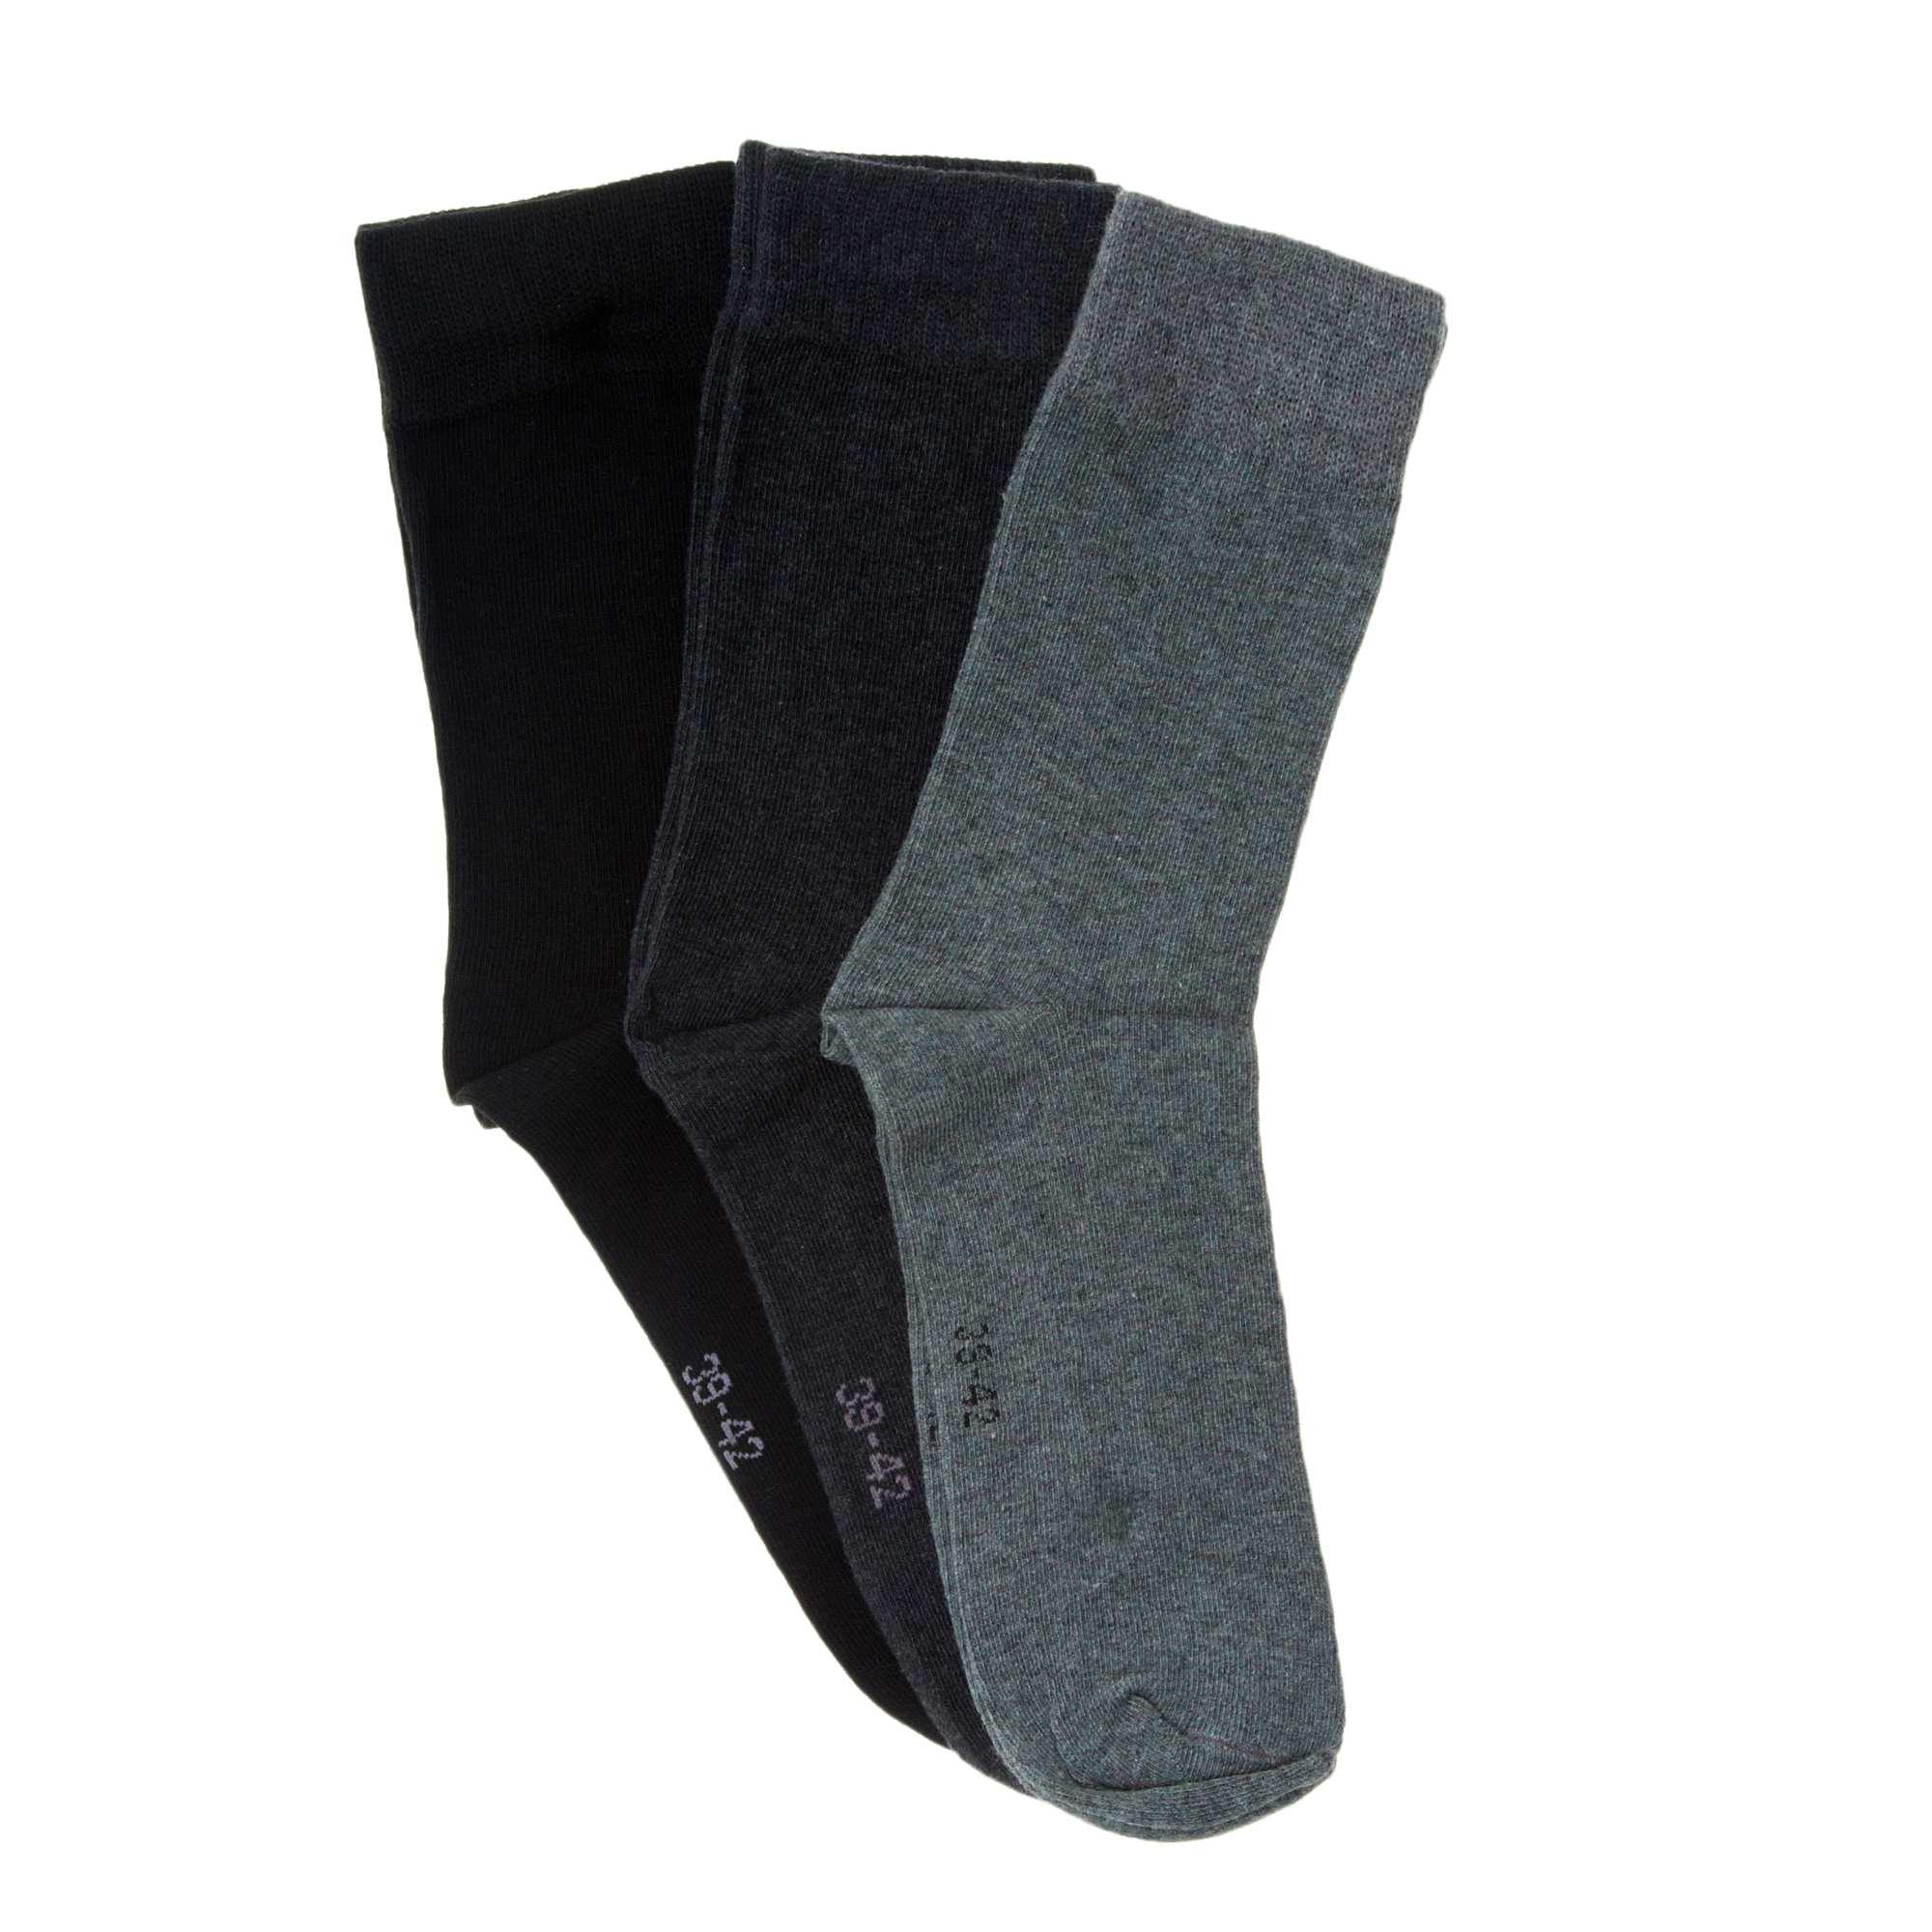 lot de 3 paires de chaussettes homme noir gris kiabi 3 00. Black Bedroom Furniture Sets. Home Design Ideas